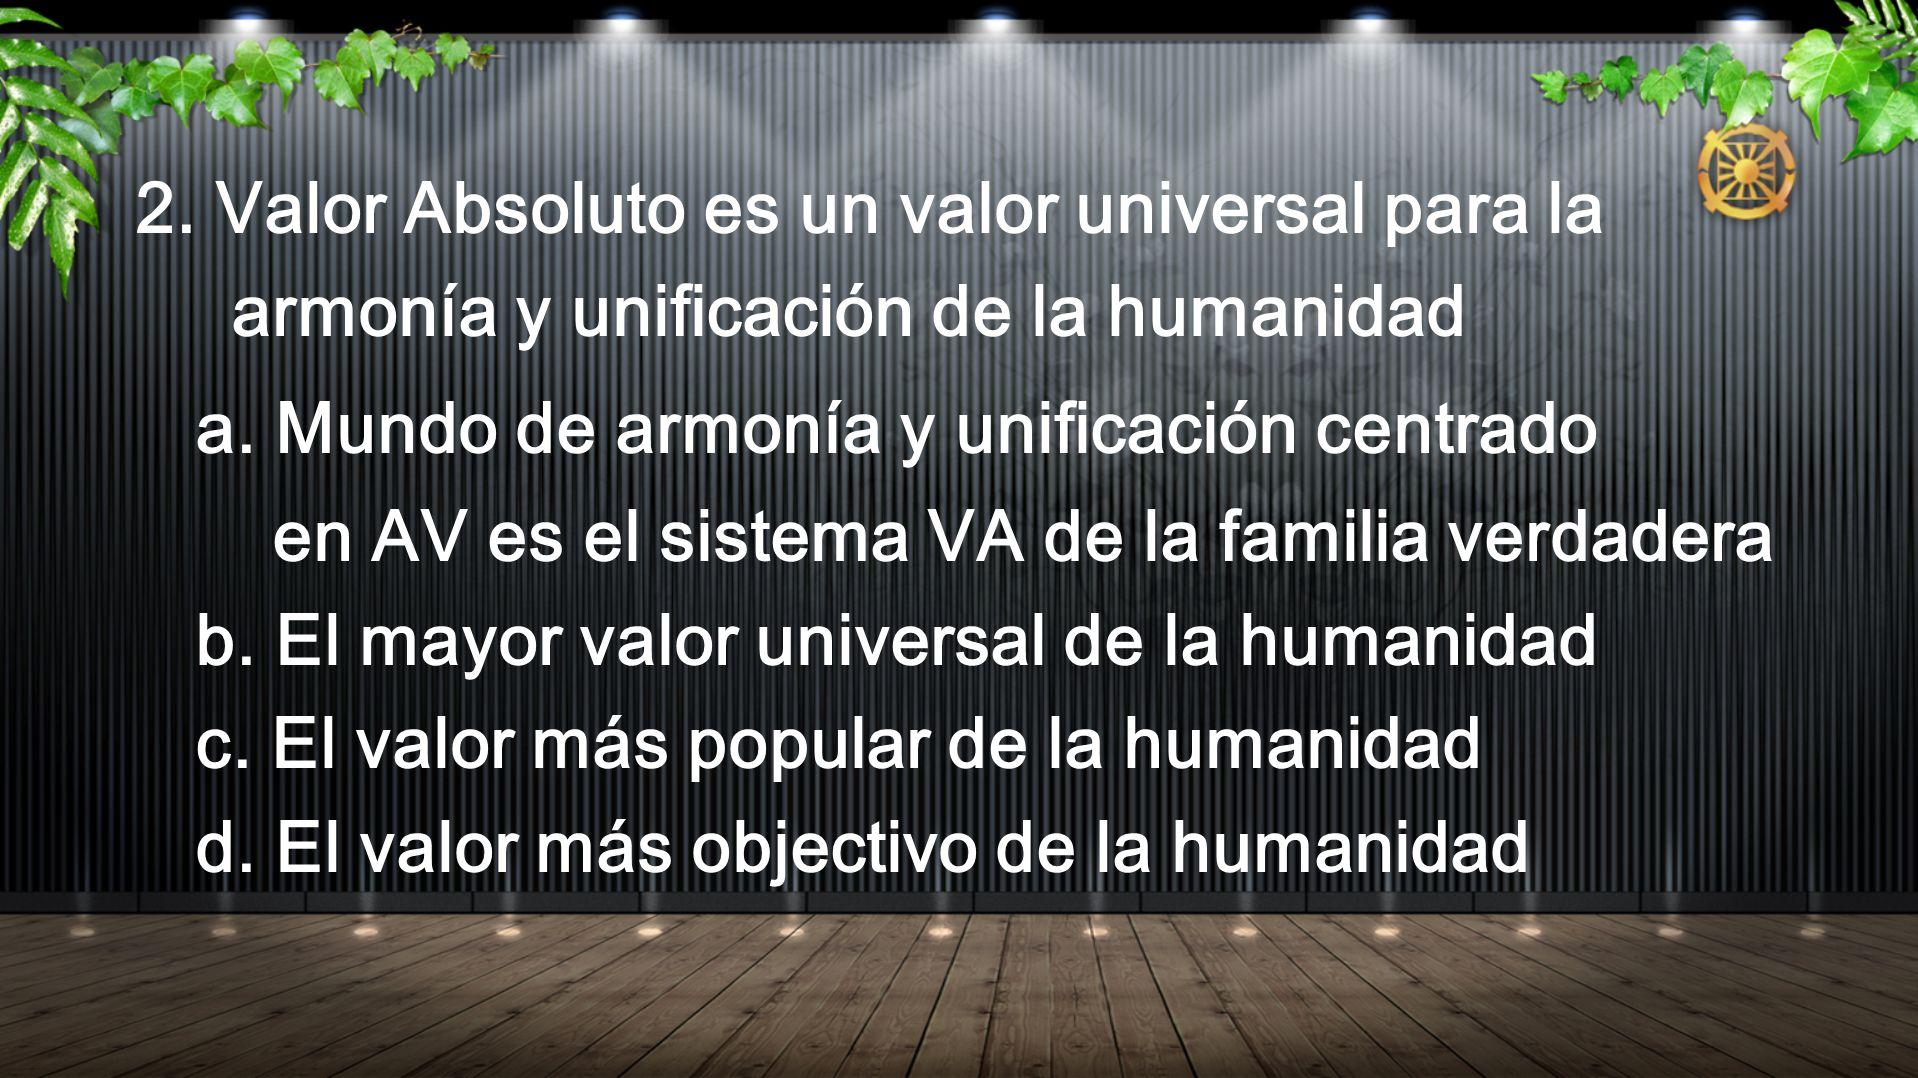 2. Valor Absoluto es un valor universal para la armonía y unificación de la humanidad a. Mundo de armonía y unificación centrado en AV es el sistema V